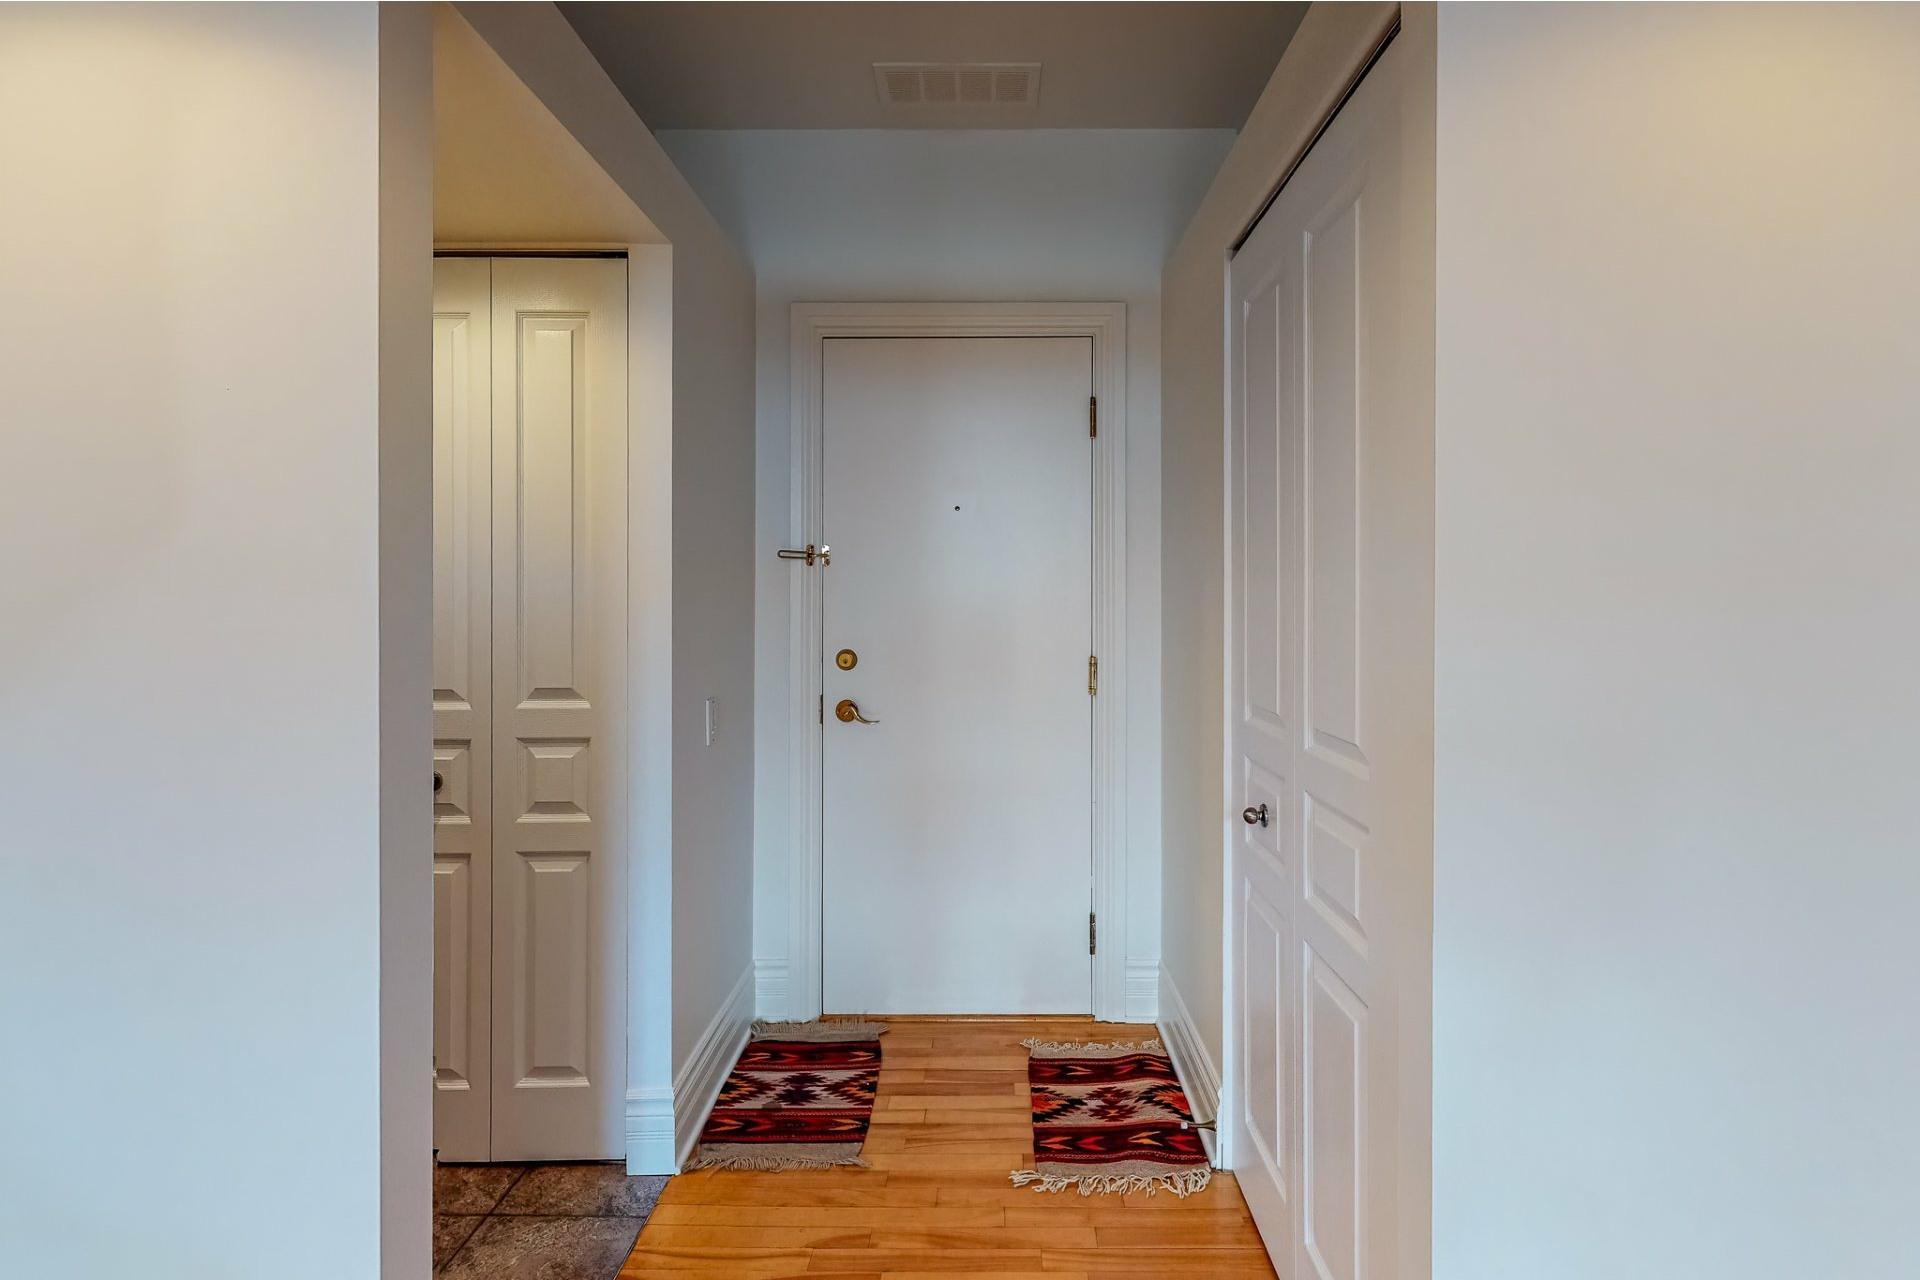 image 7 - Appartement À louer Le Plateau-Mont-Royal Montréal  - 5 pièces